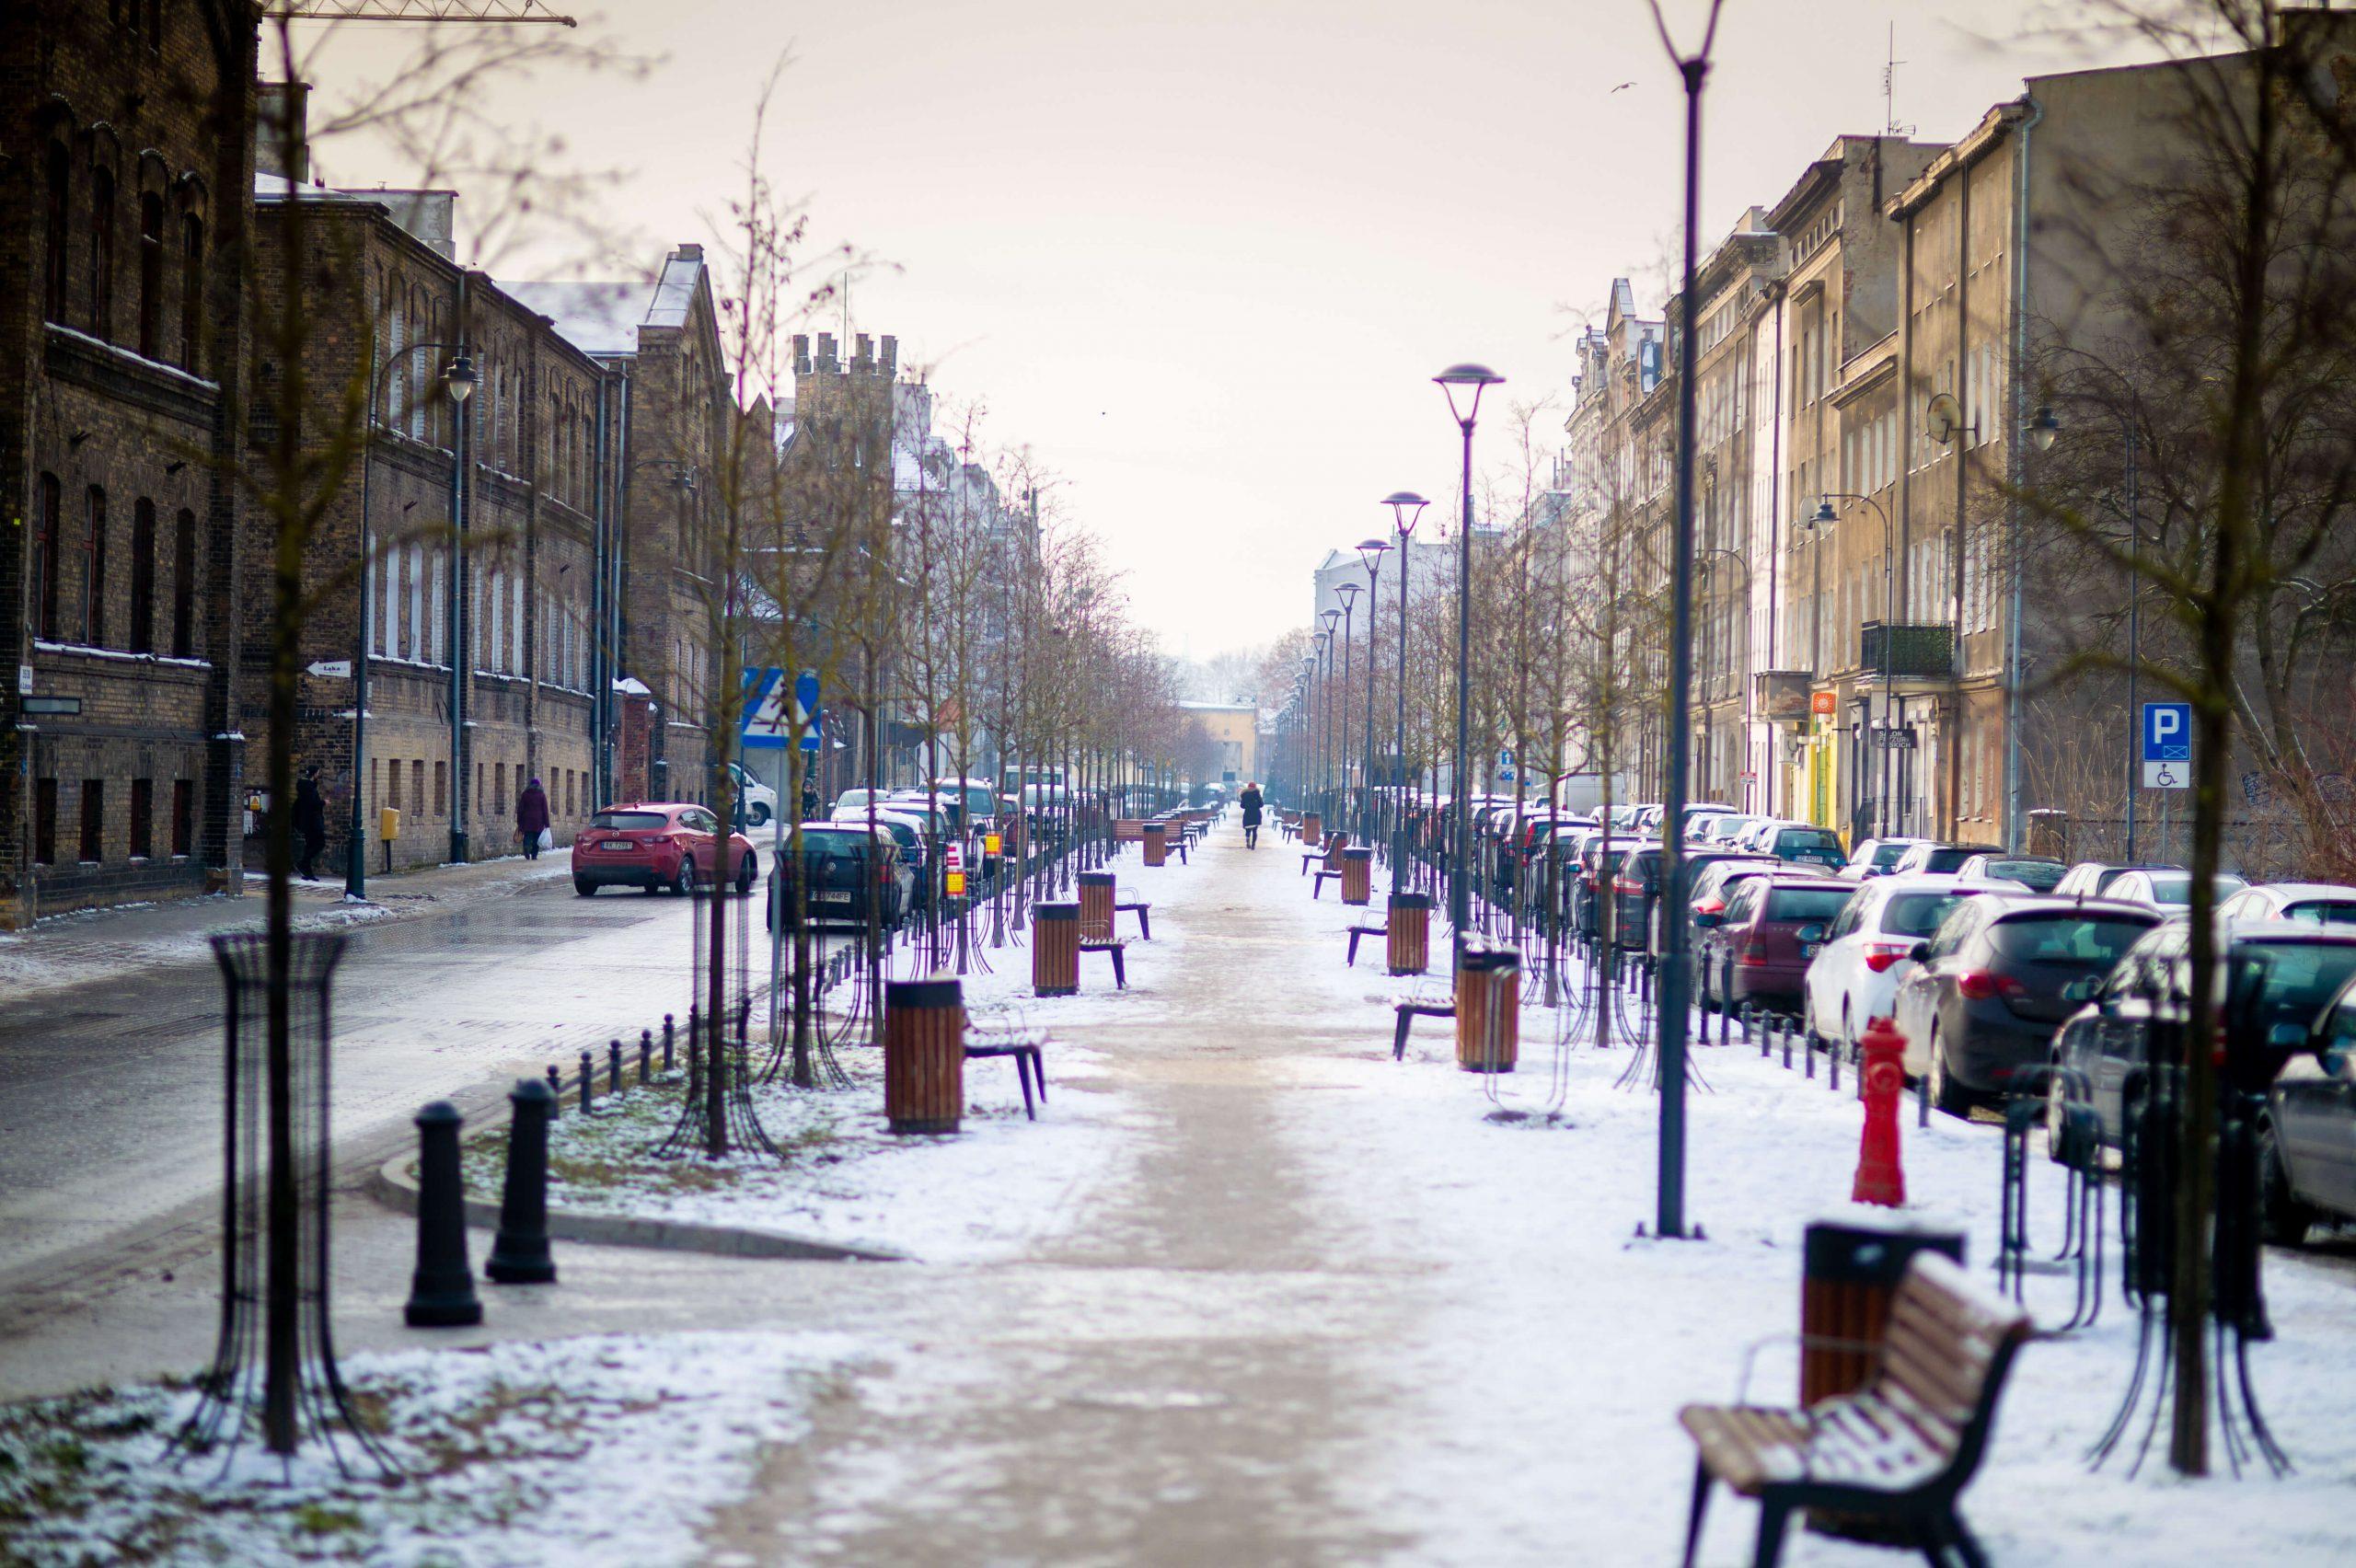 Gdansk zima 5 scaled - Gdańsk zimą jest piękny! Zimowy spacer po Dolnym Mieście